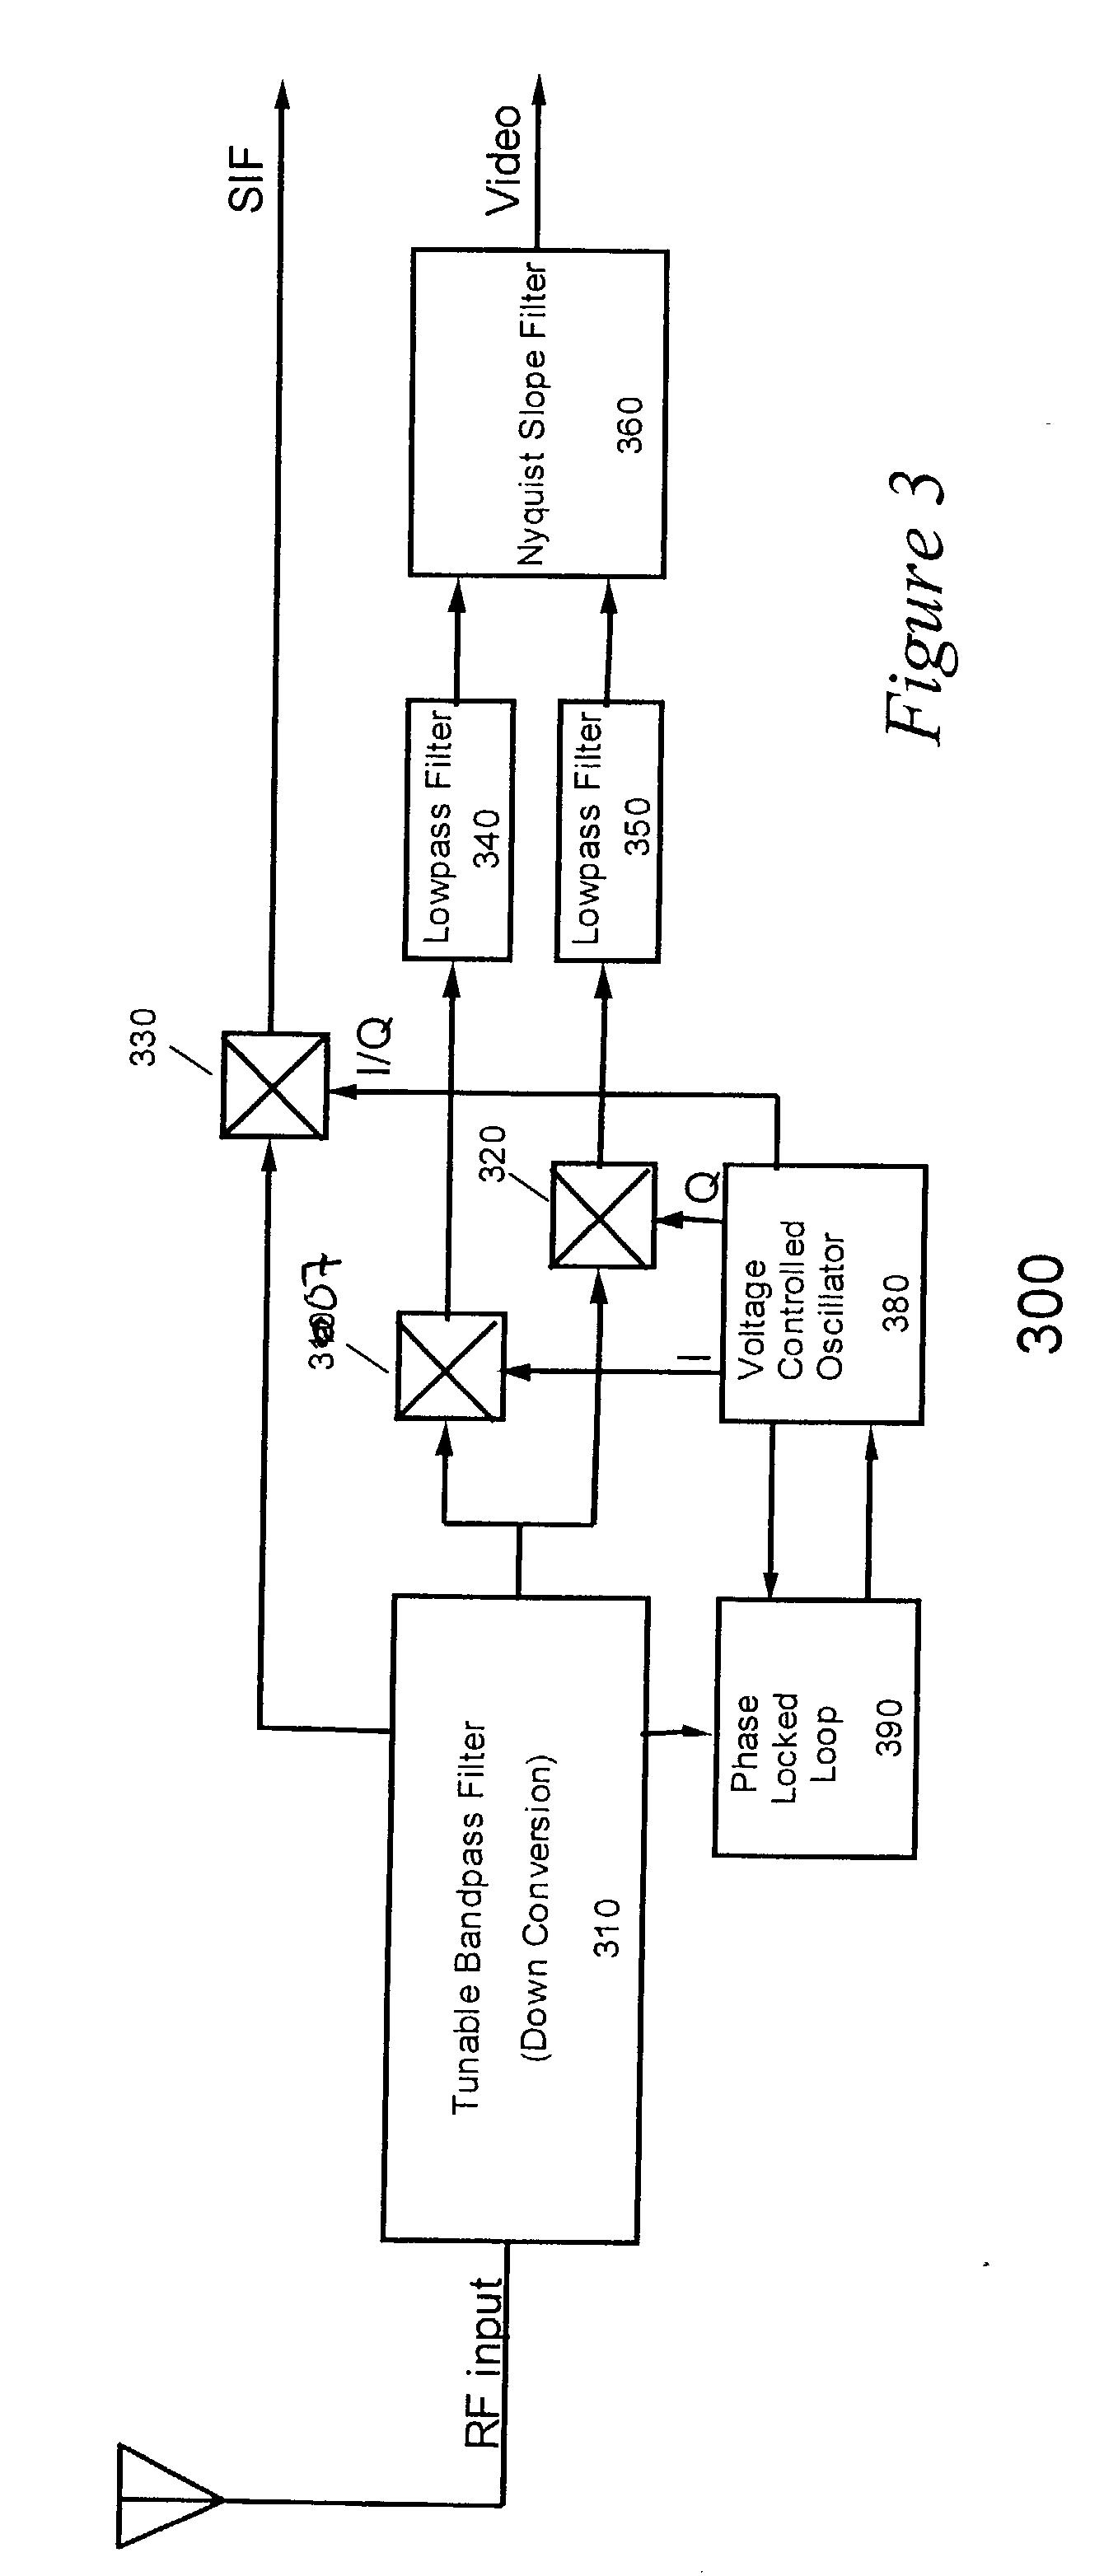 patent us20030223017